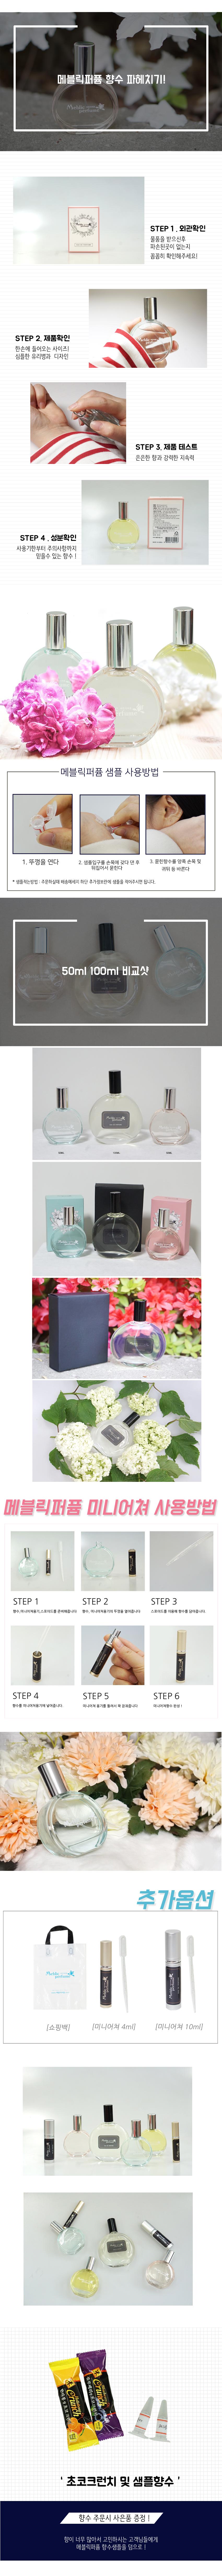 메블릭퍼퓸 soap 50ml 100ml - 메블릭퍼퓸, 25,000원, 퍼퓸, 퍼퓸